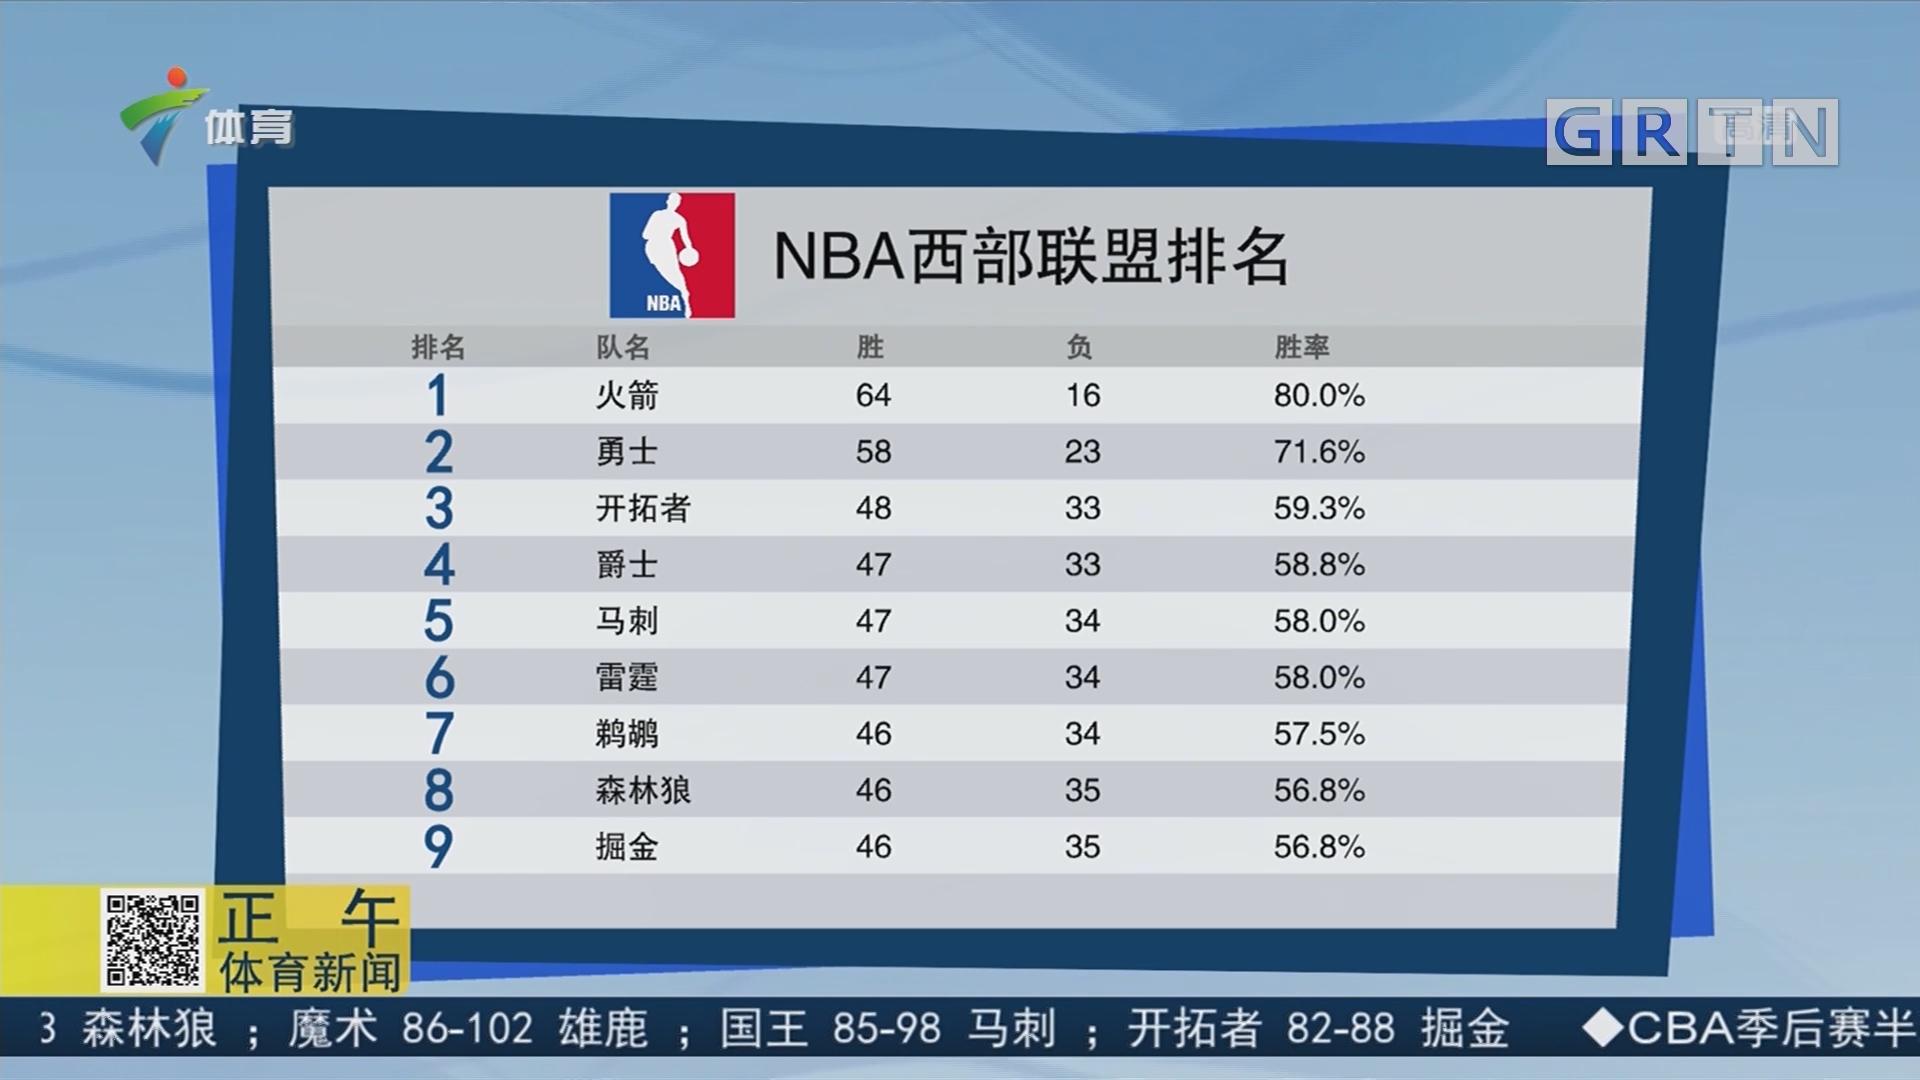 NBA东西部联盟排名